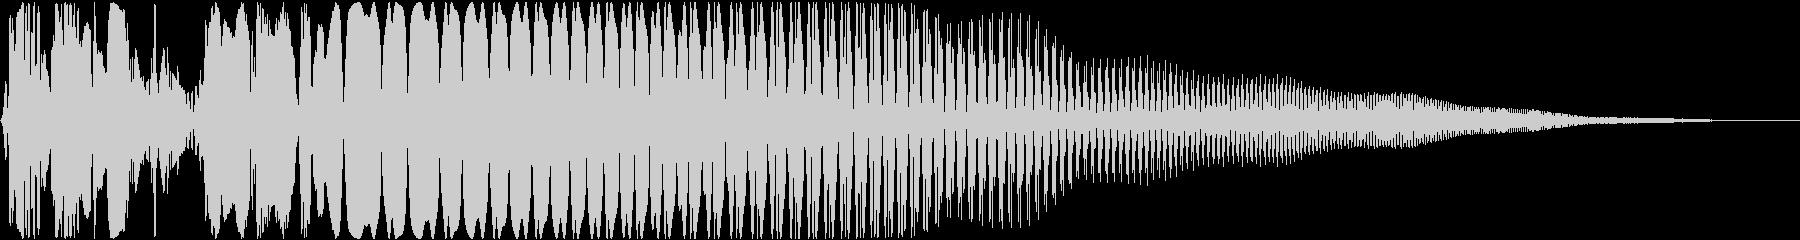 タッチ音の未再生の波形